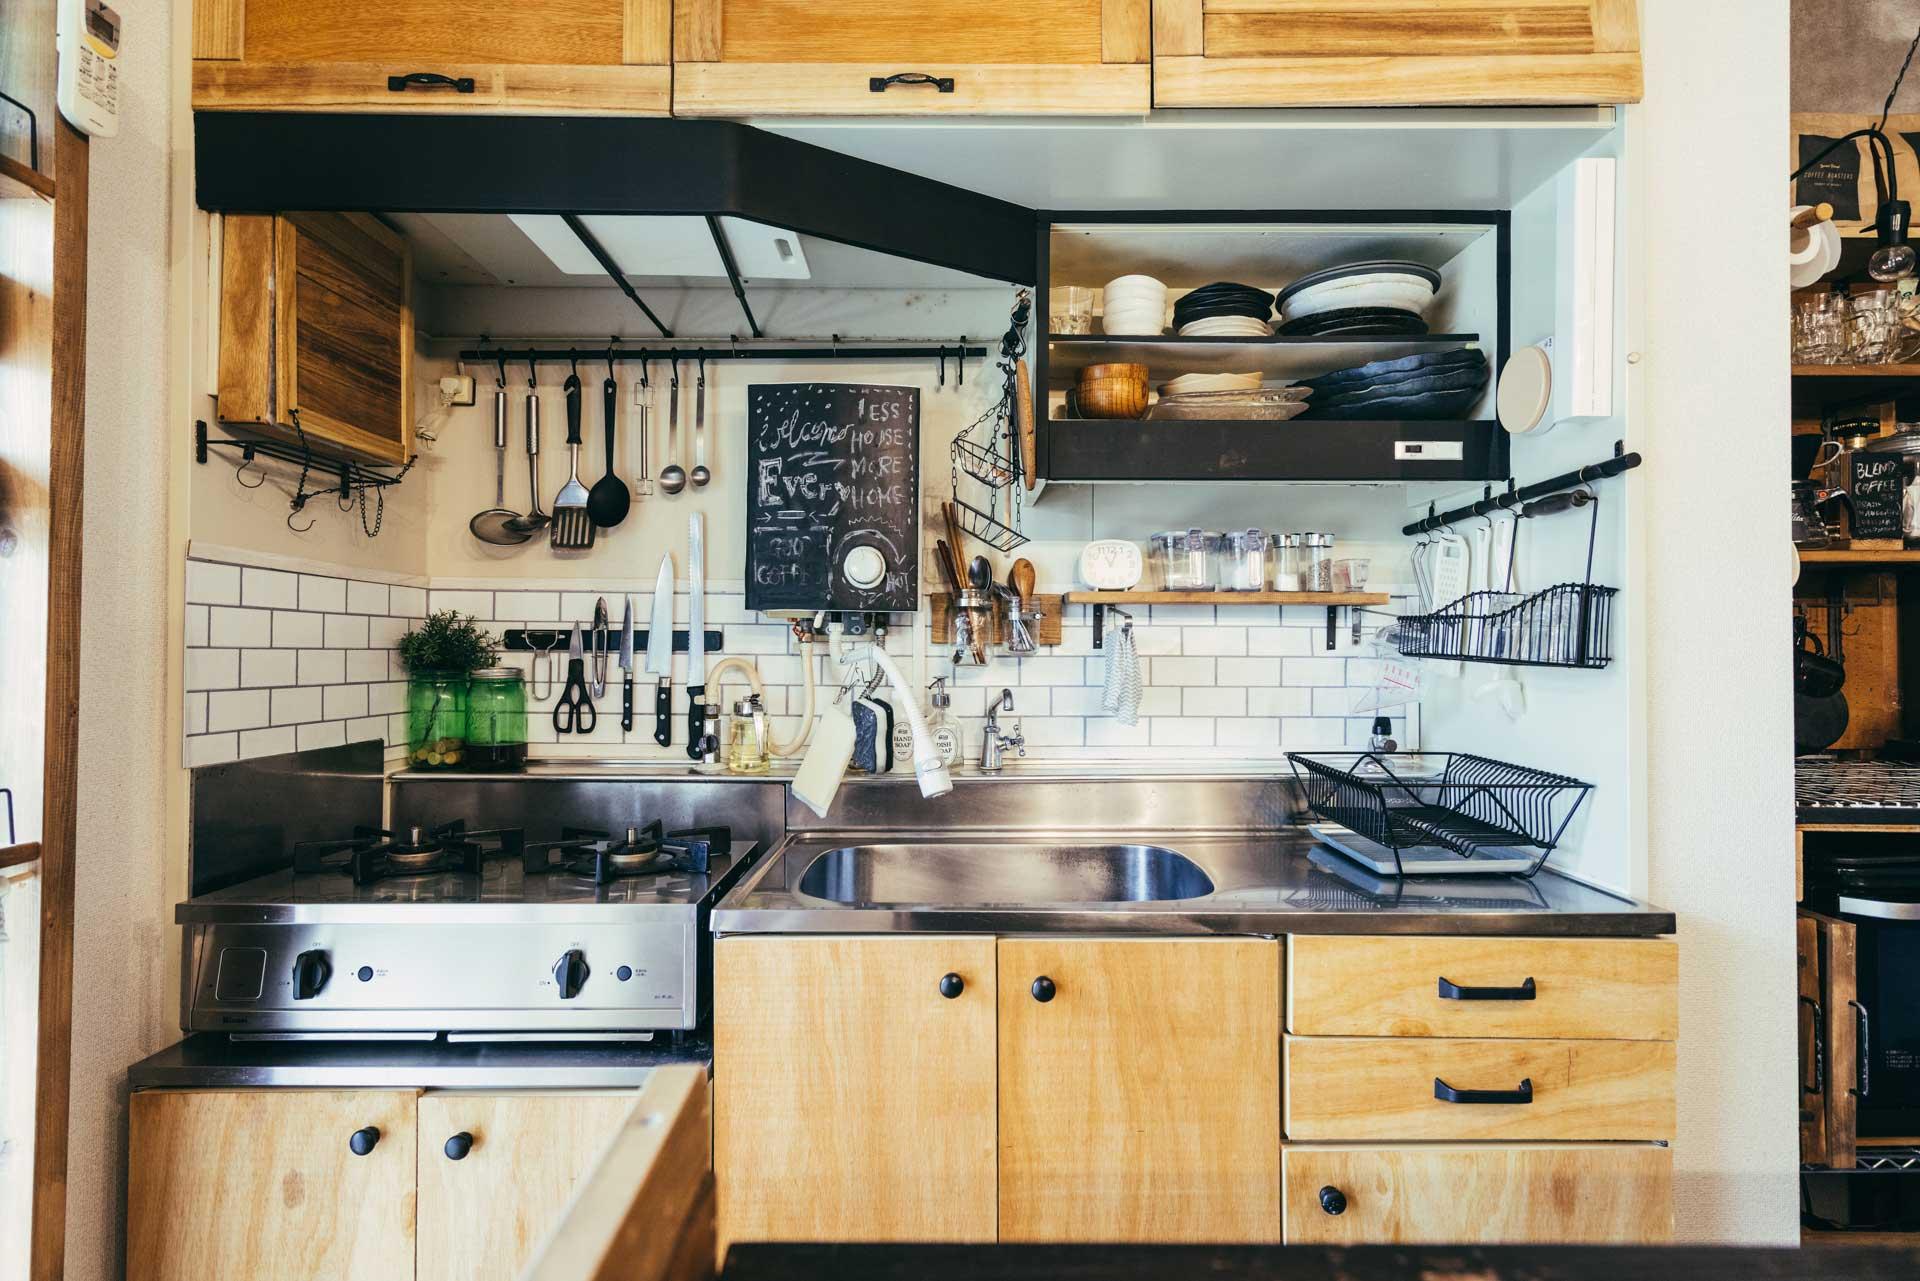 こちらはキッチンのビフォアアフター。キッチン扉には、マスキングテープの上に強力な粘着テープを貼る技でベニヤ板を貼っています。シートではなく本物の木だから雰囲気がとてもいいですね。